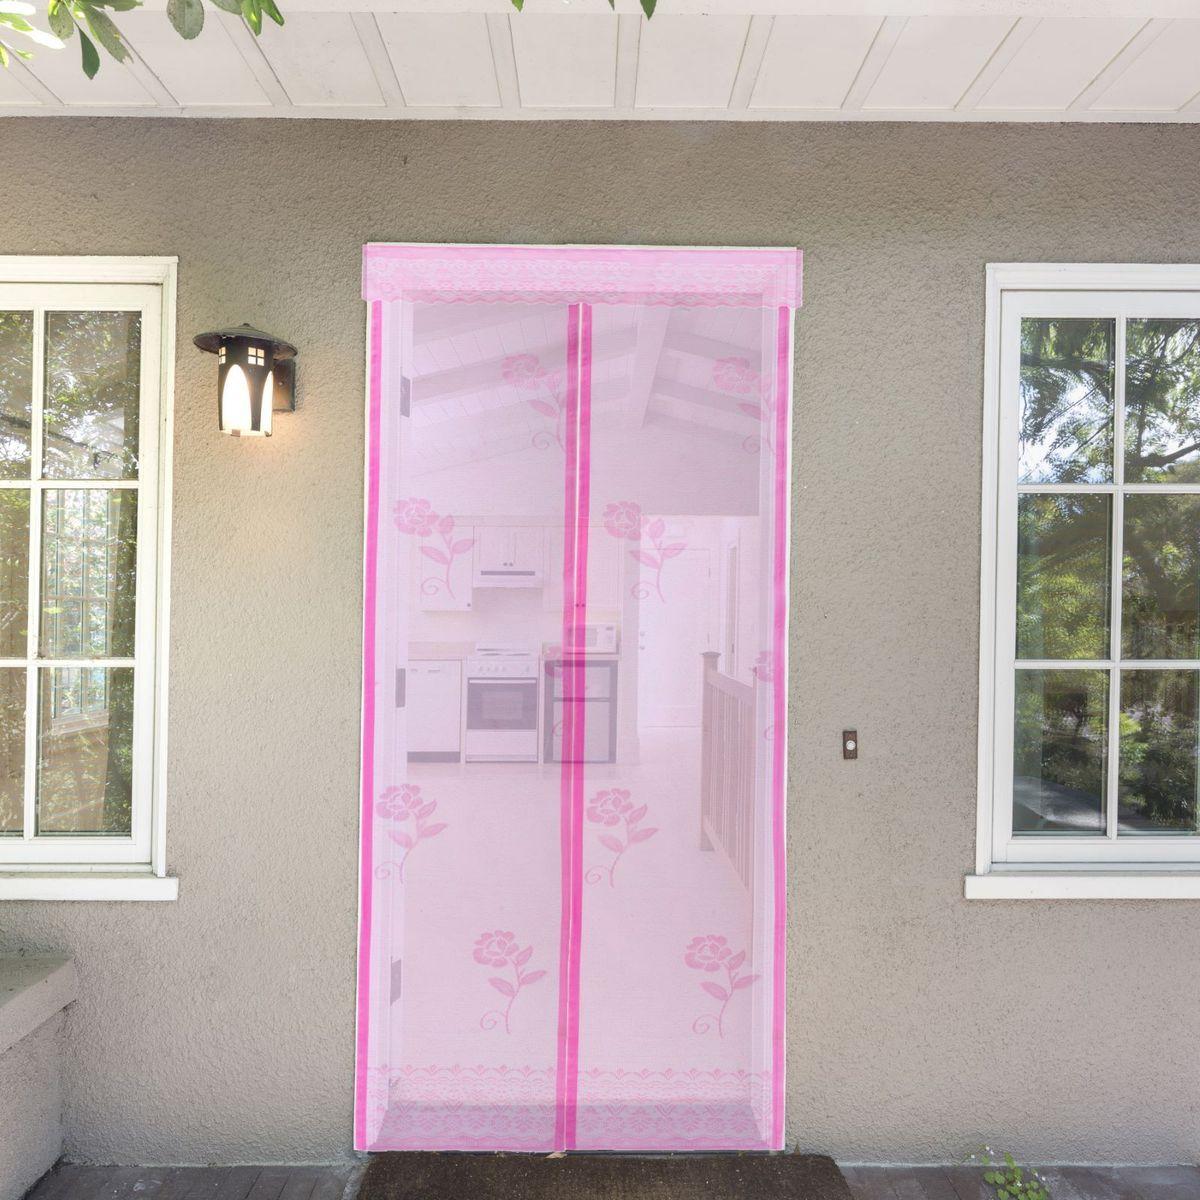 Сетка антимоскитная Розы, на магнитной ленте, цвет: розовый, 80 х 210 смPH5861Занавес от насекомых Розы выполнен на магнитной ленте и универсален в использовании. Необходимо просто подвесить его при входе в садовый дом или балкон, чтобы предотвратить попадание комаров внутрь жилища. Чтобы зафиксировать занавес в дверном проеме, достаточно закрепить занавеску по периметру двери с помощью кнопок, идущих в комплекте. Принцип действия занавеса: каждый раз, когда вы будете проходить сквозь шторы, они автоматически захлопнутся за вами благодаря магнитам, расположенным по всей его длине.